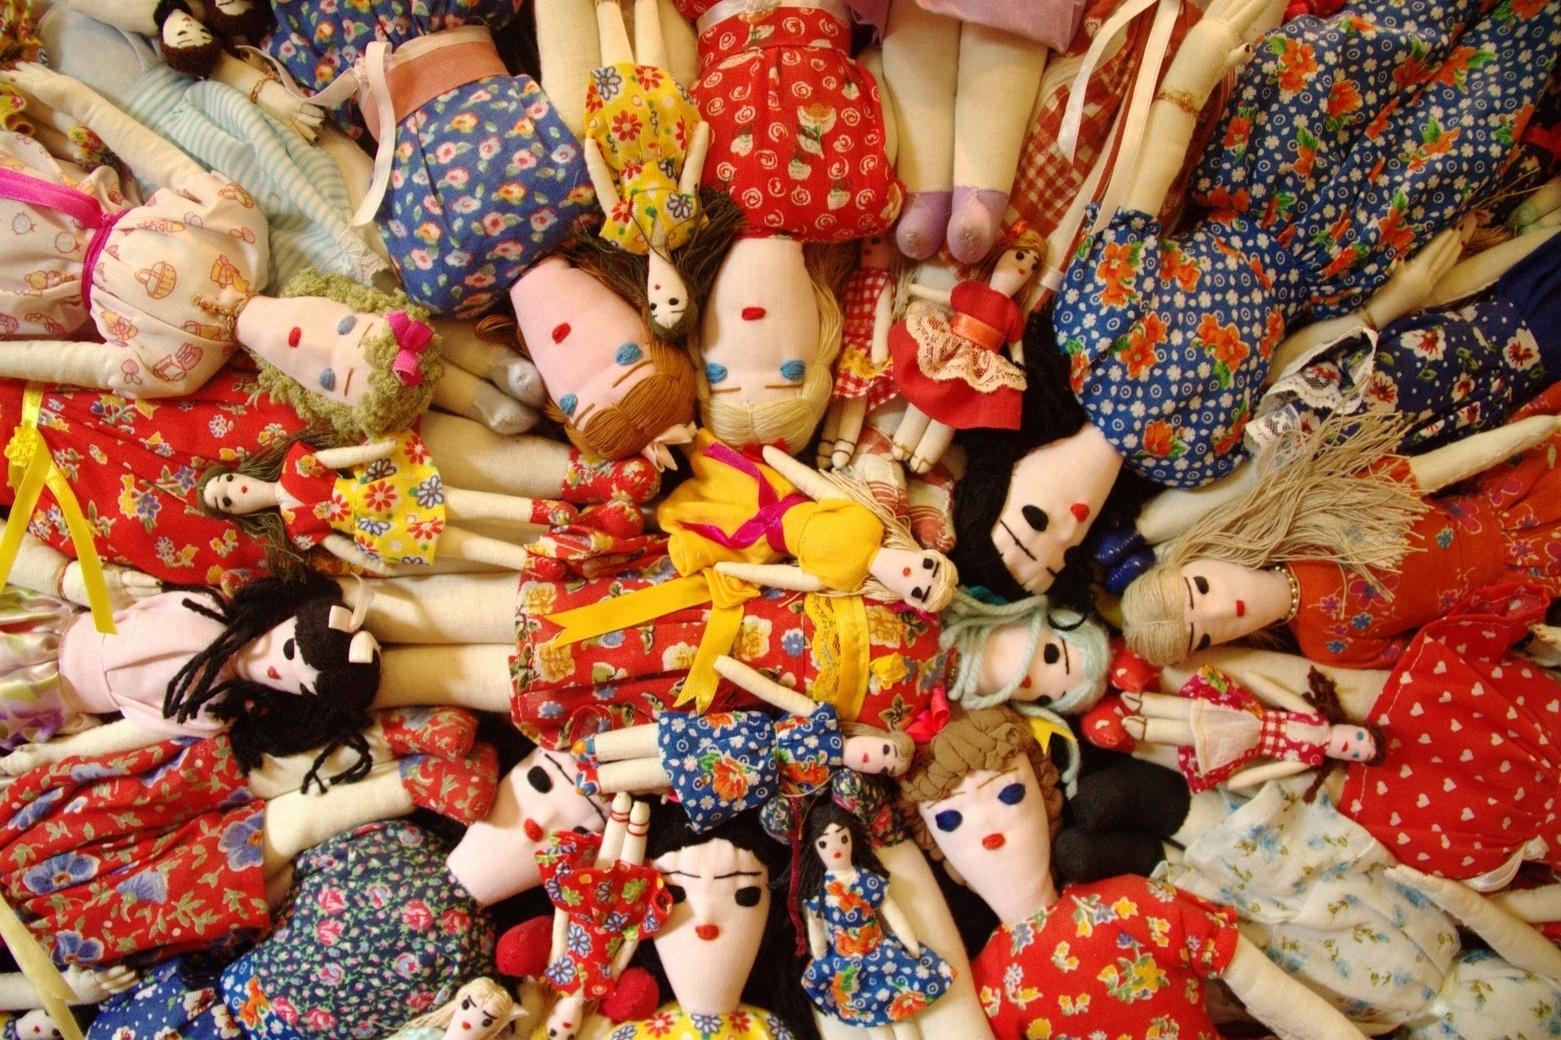 Aparador Laca Preta ~ Fotos Museu de artesanato em Jo u00e3o Pessoa tem peças em madeira, cer u00e2mica até lata 17 09 2014